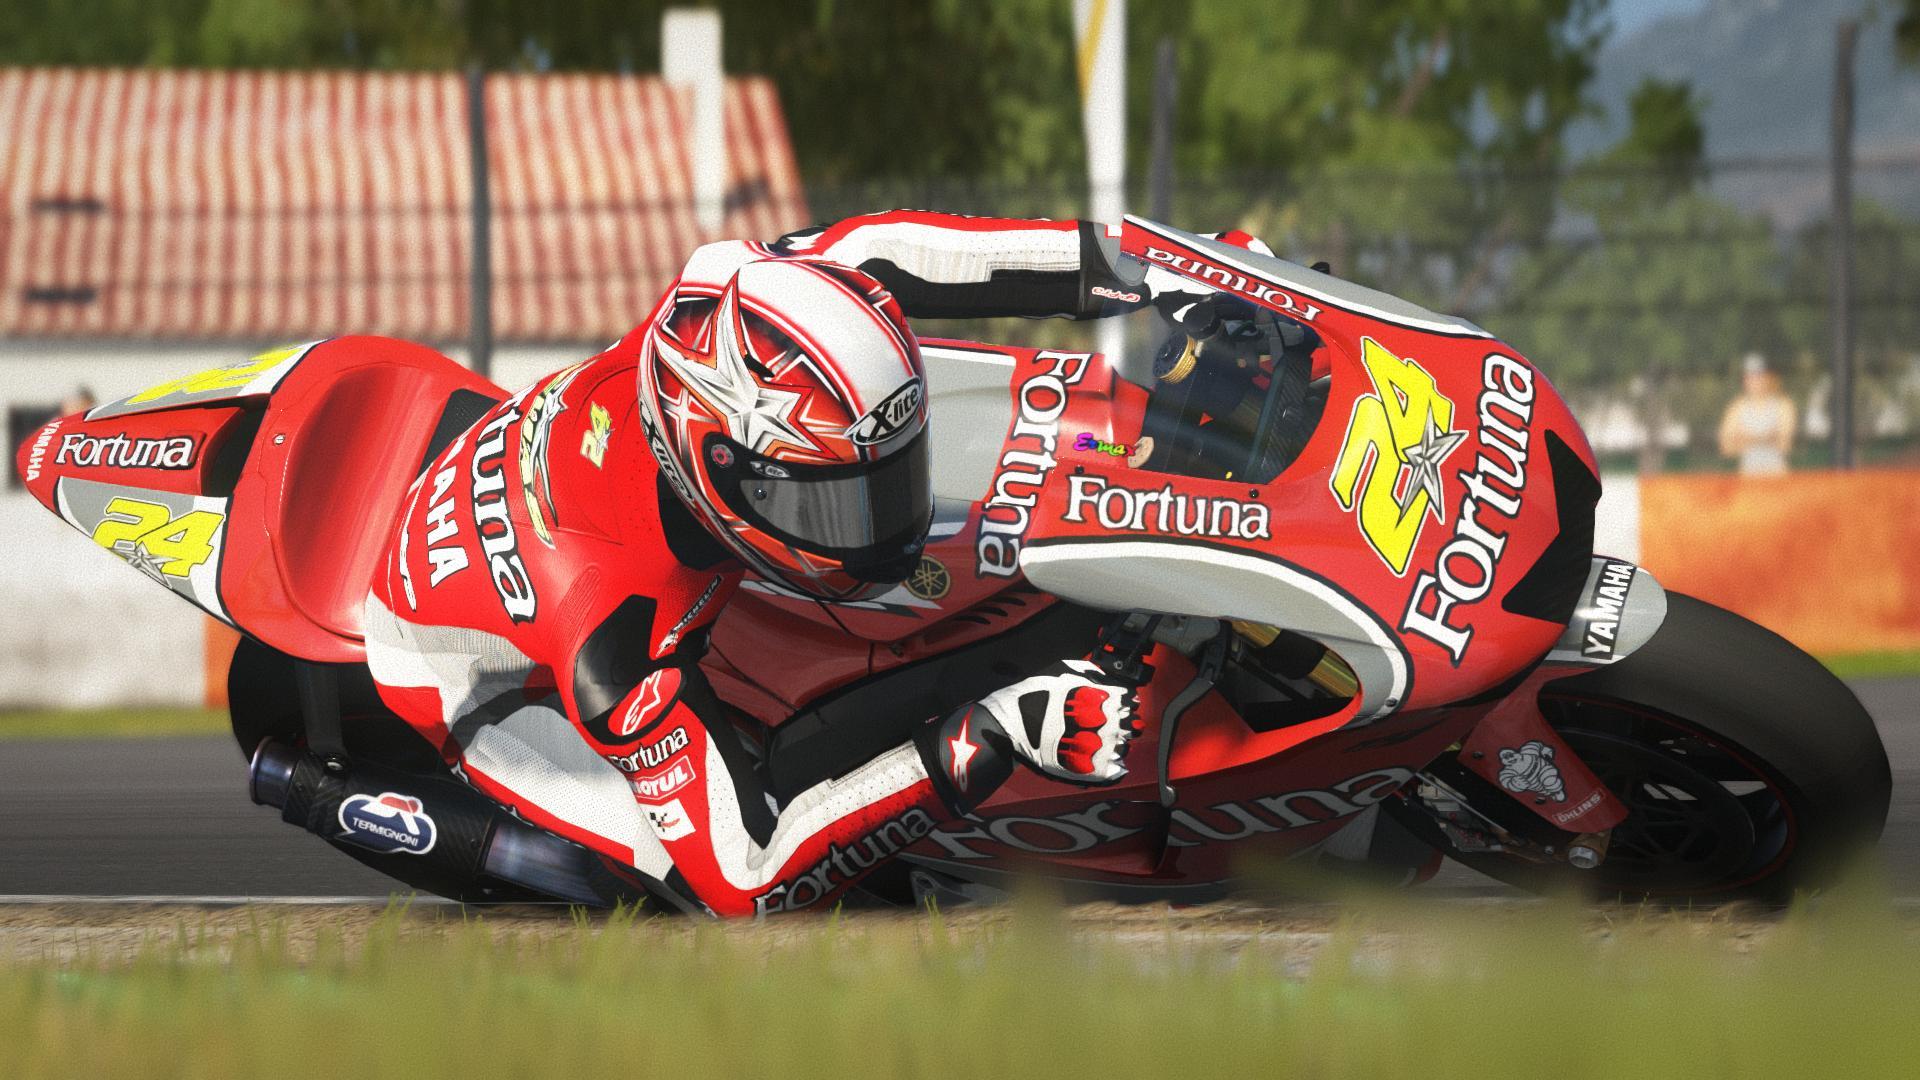 MotoGP17X64 2018-03-01 02-14-41-90.jpg